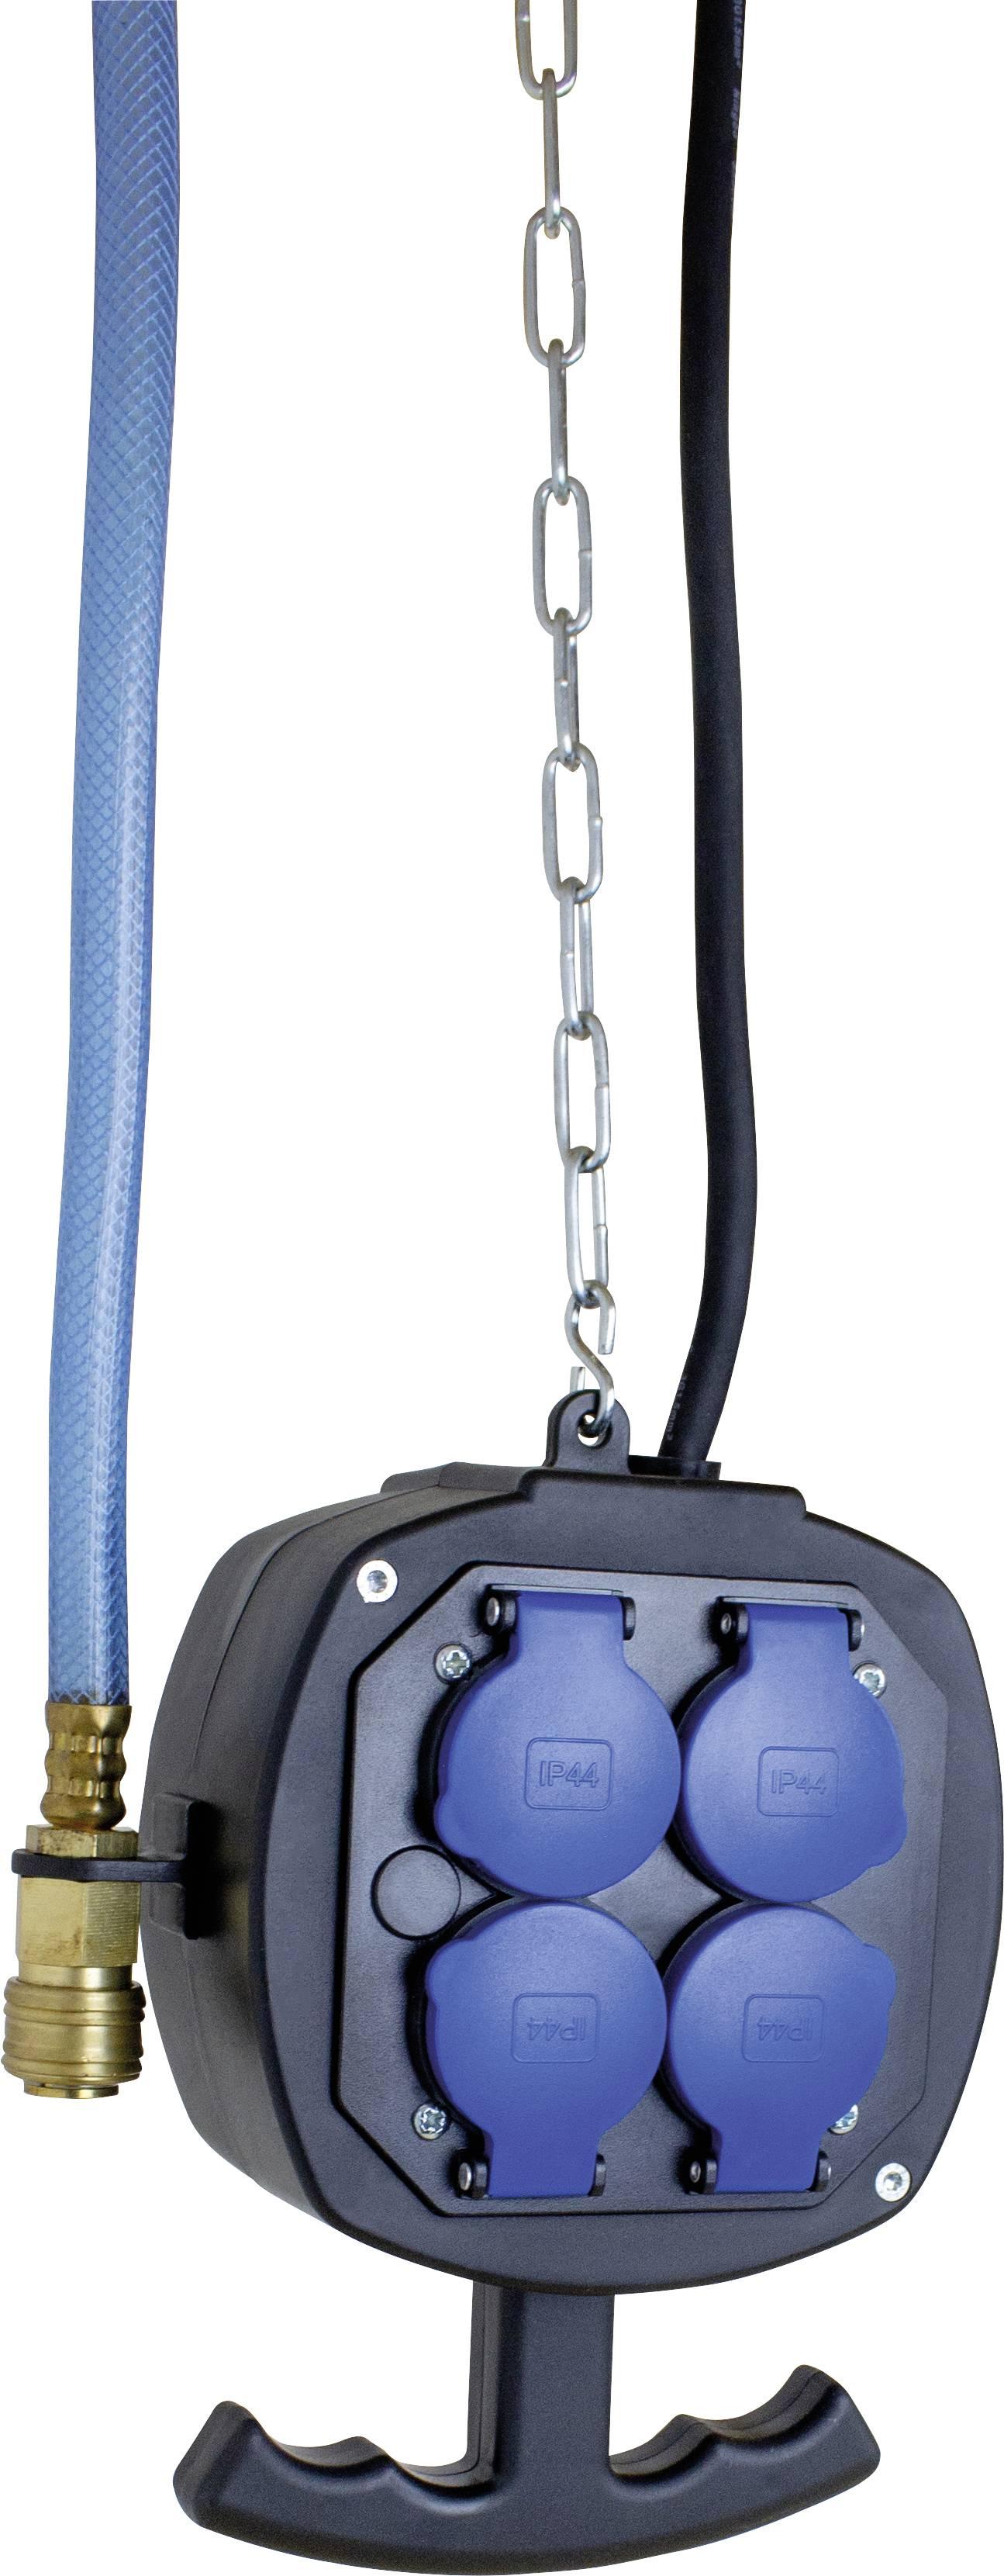 Závesný prúdový rozbočovač AS Schwabe ES2PA, 4 zásuvky, IP44, čierny, 3 m, 60974